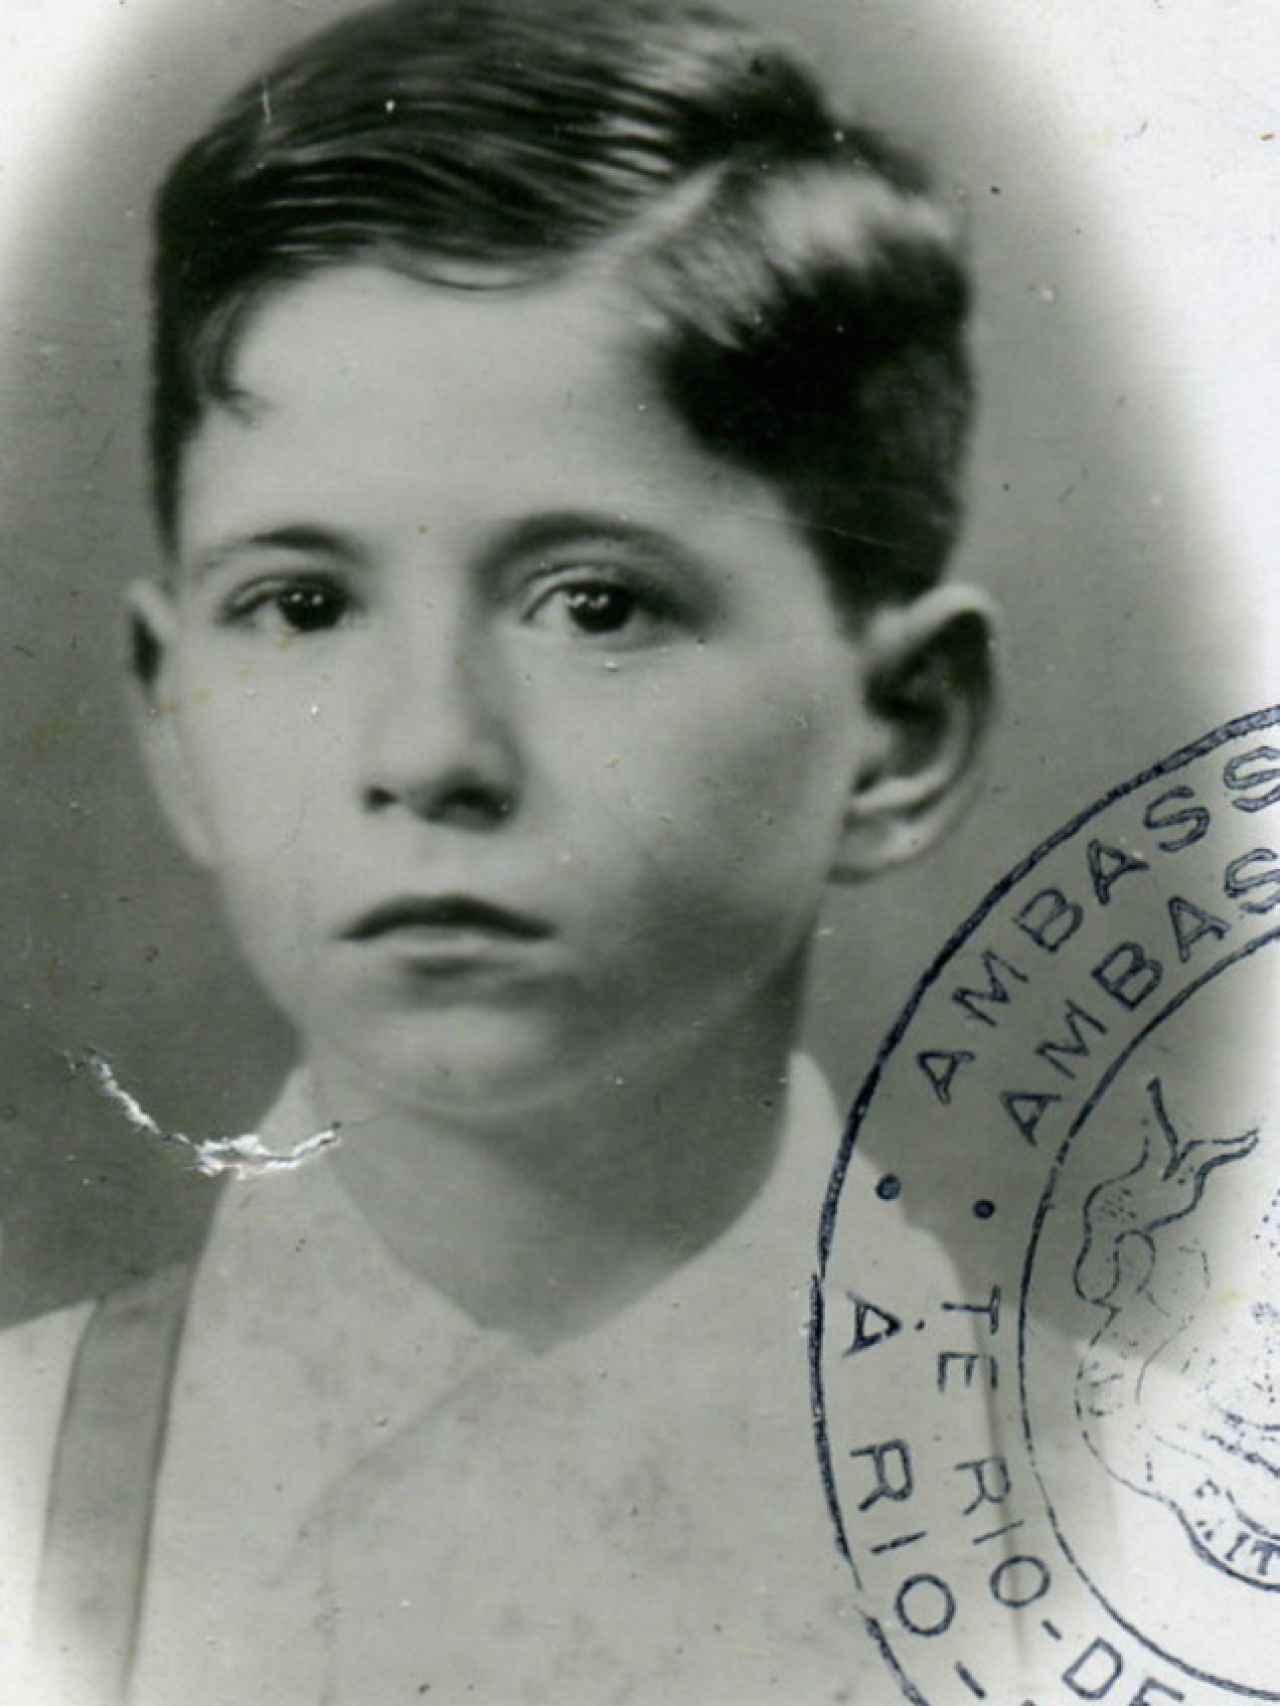 Foto de pasaporte de Daniel Matuzewitz, beneficiario de un visado de Sousa Mendes.